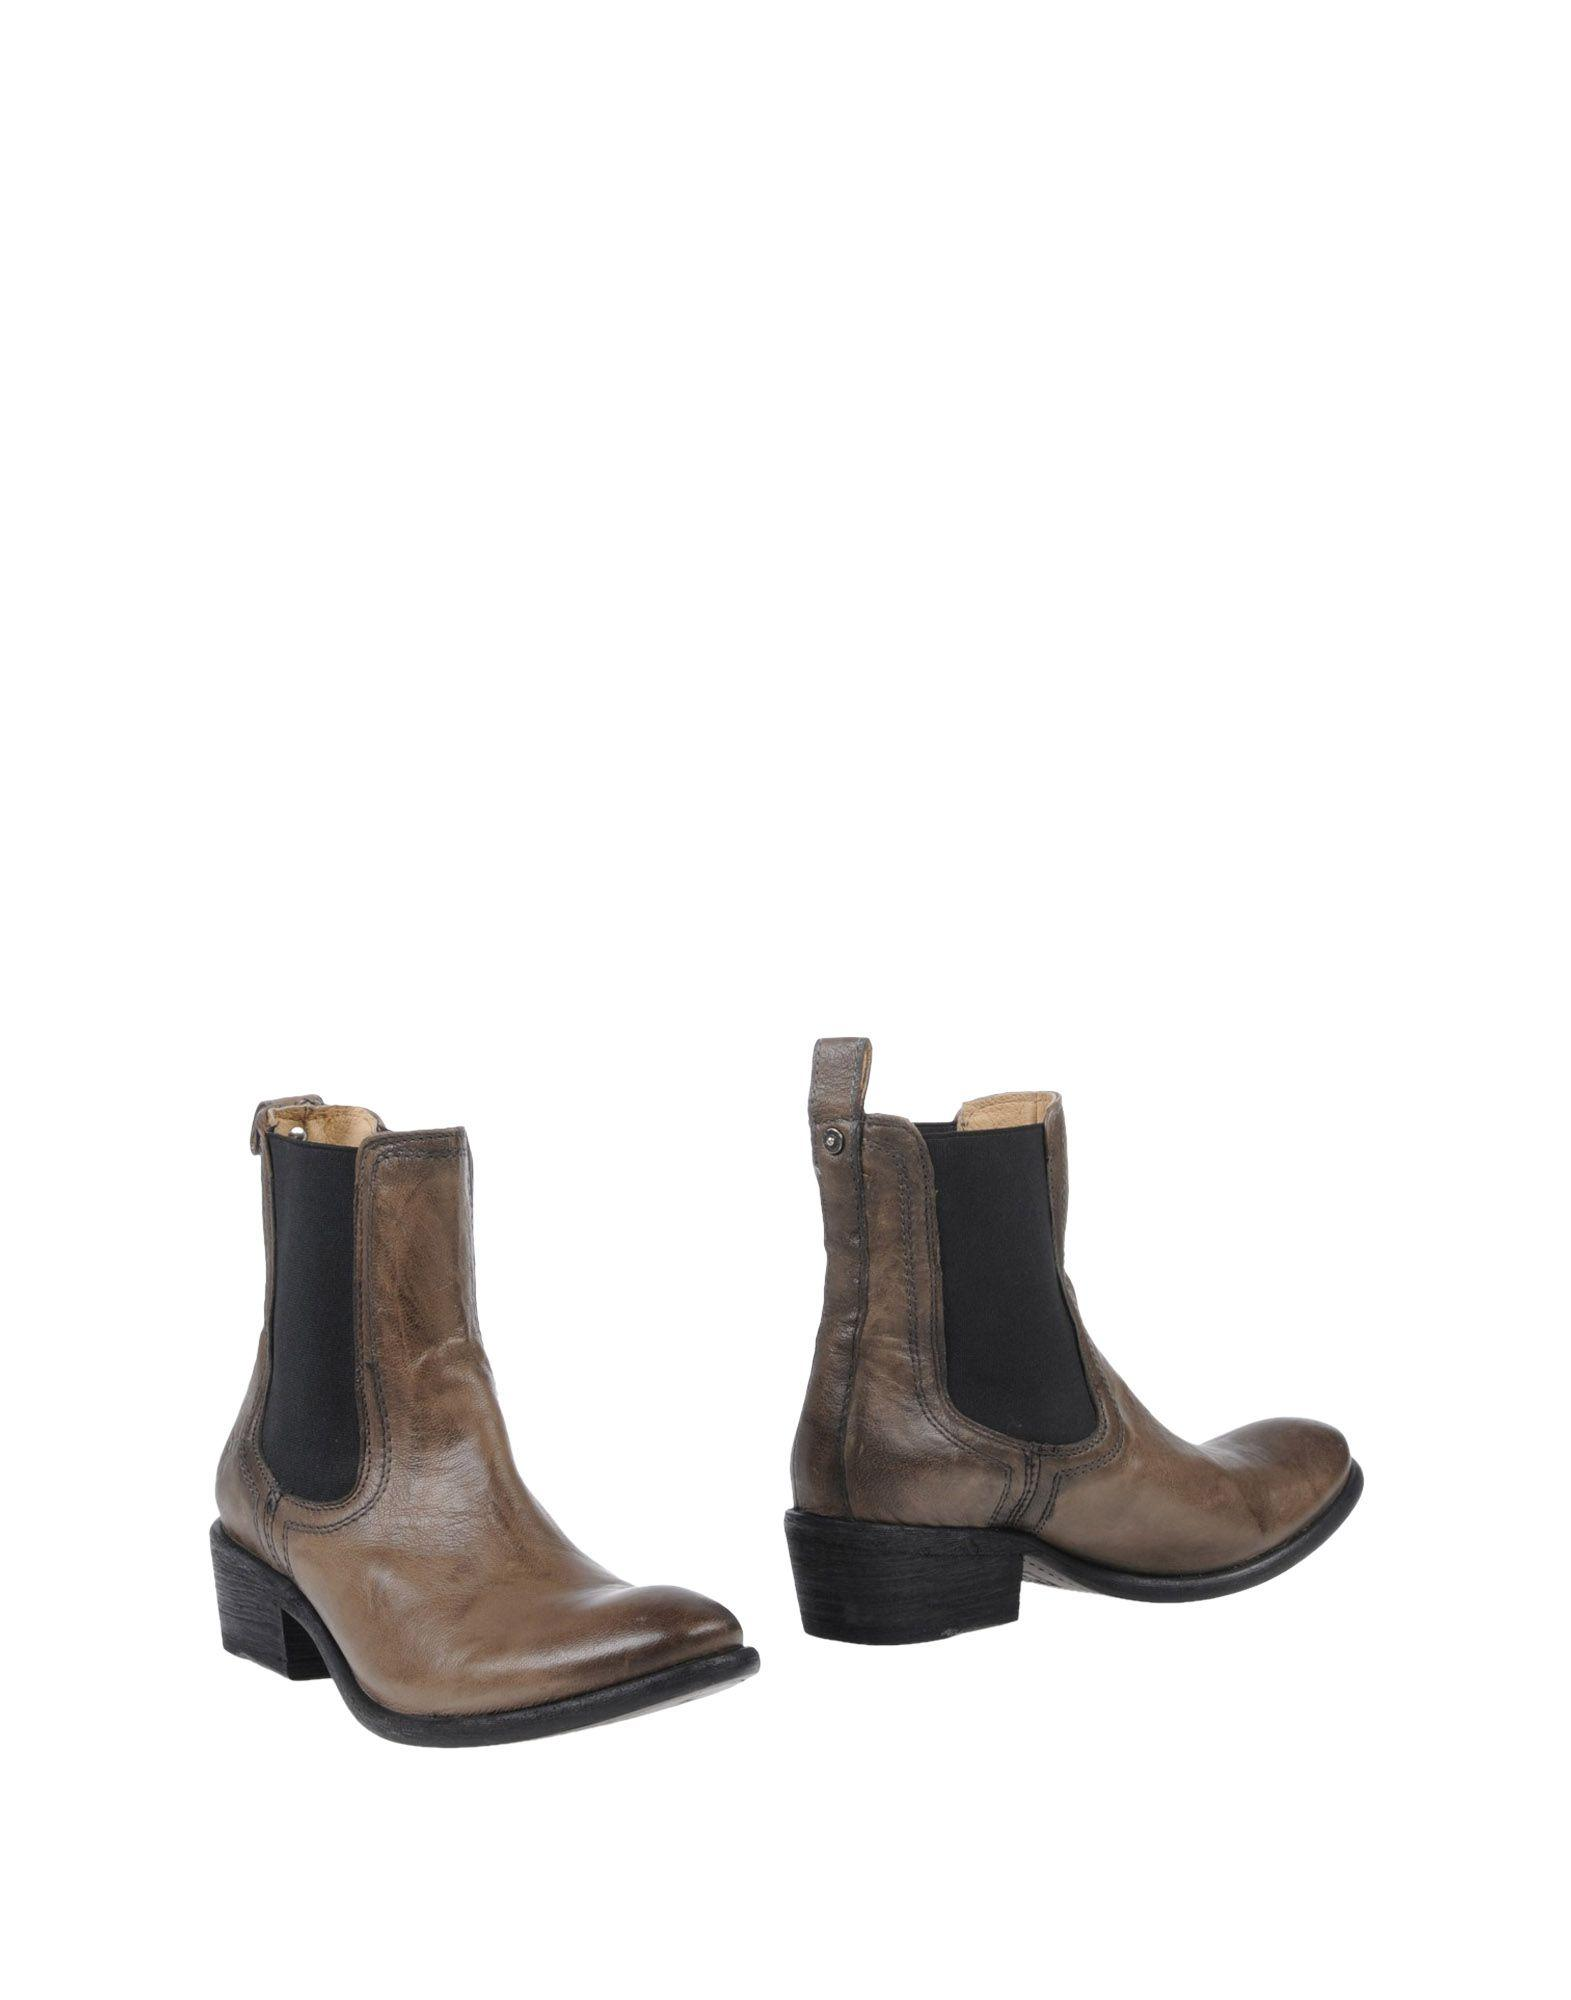 Frye Ankle Boot In Khaki